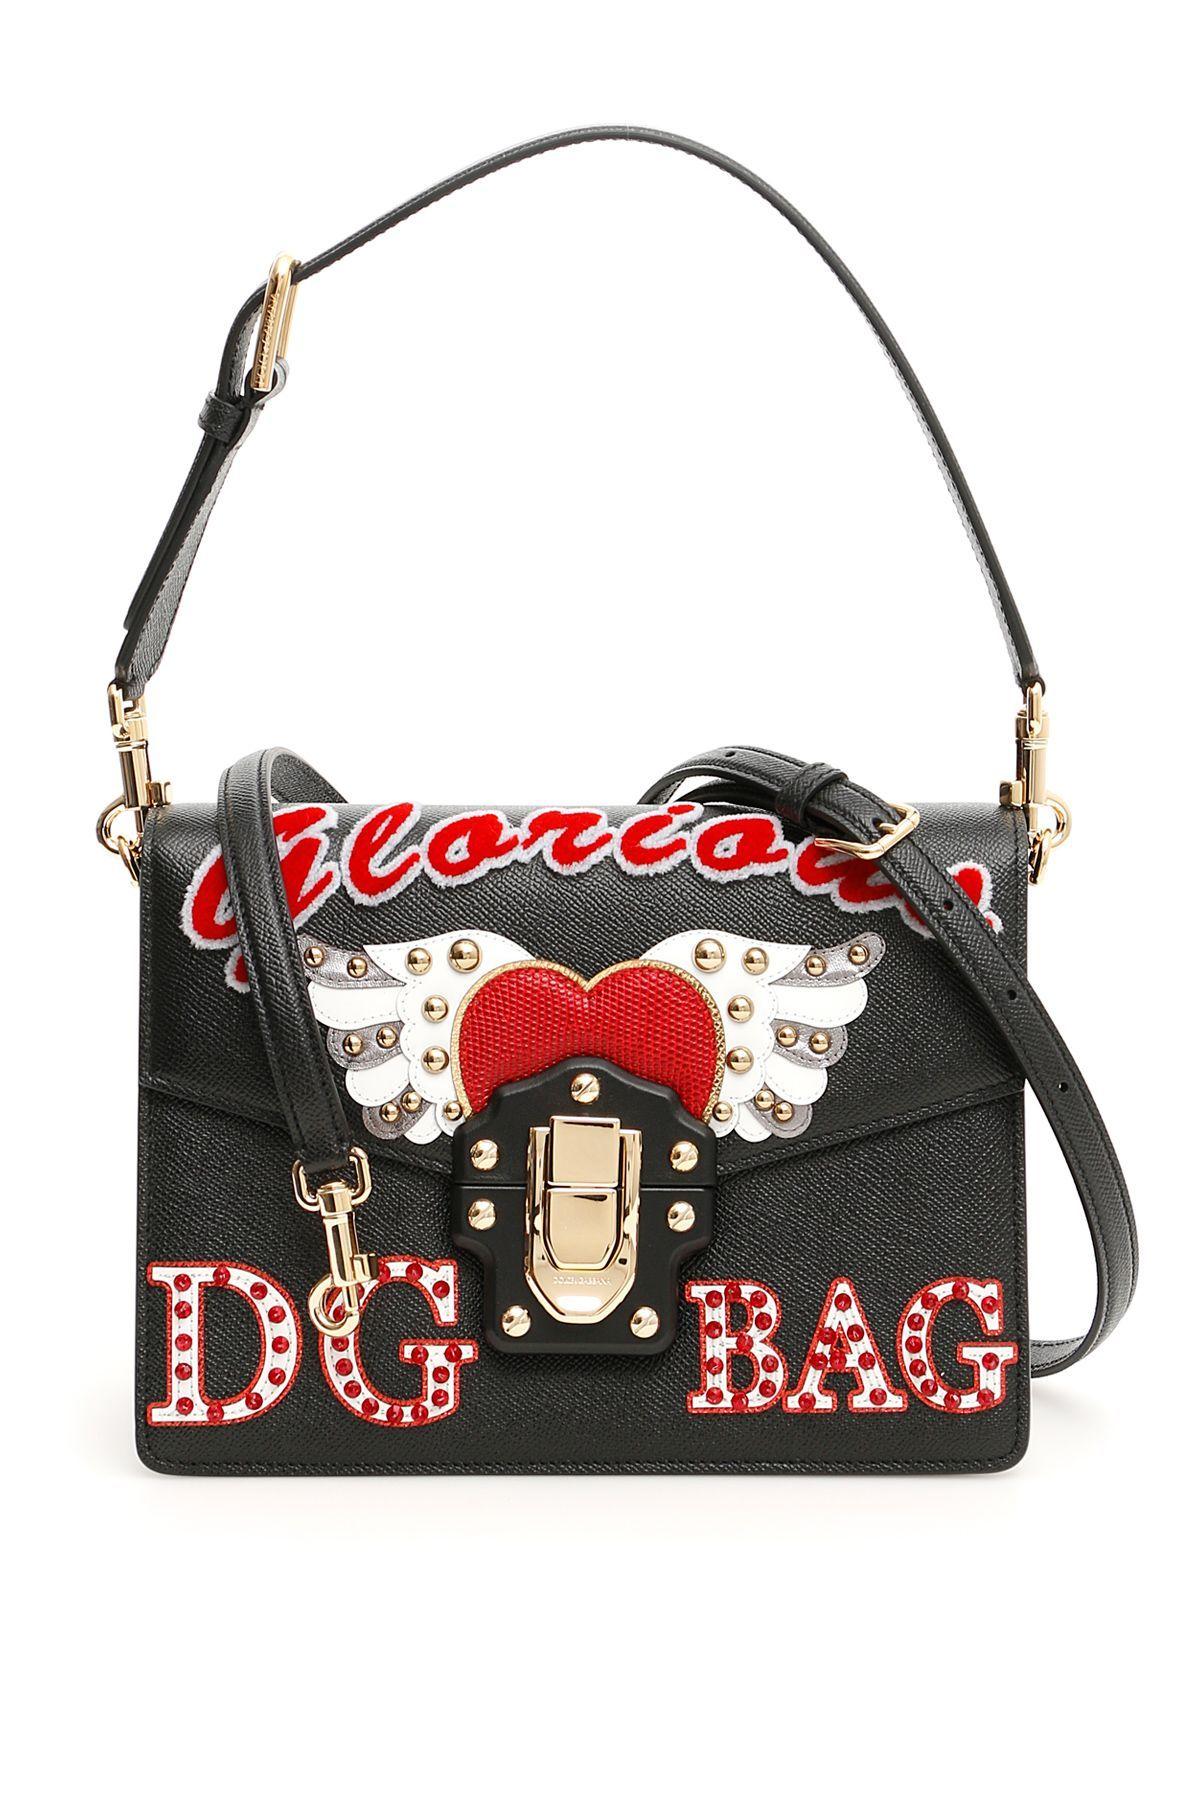 ea7508c9ea53 DOLCE   GABBANA LUCIA SHOULDER BAG.  dolcegabbana  bags  velvet  leather   lining  shoulder bags  crystal  hand bags